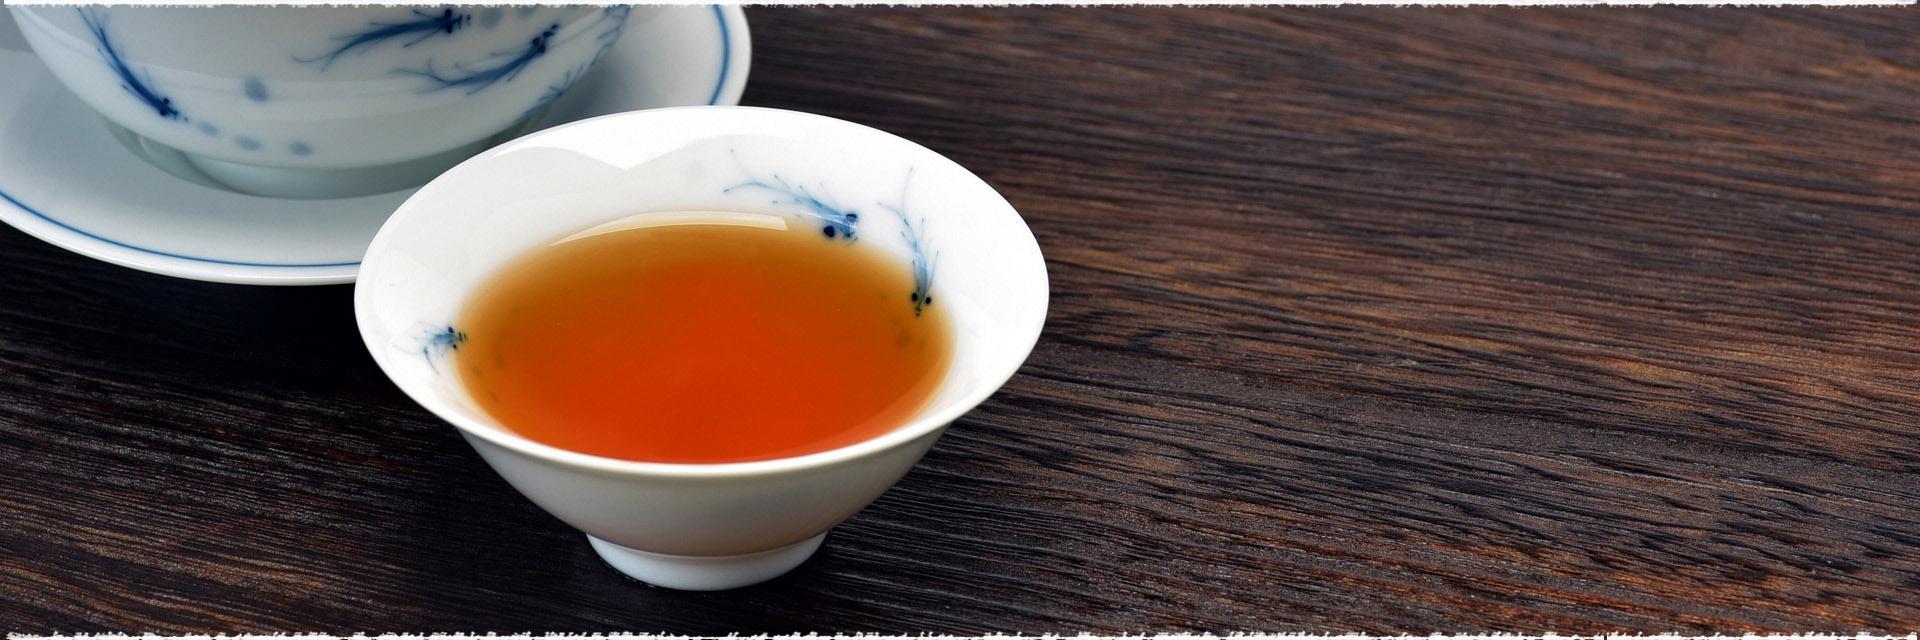 Huîtres chaudes pochées  au thé noir fumé Lapsang Souchong